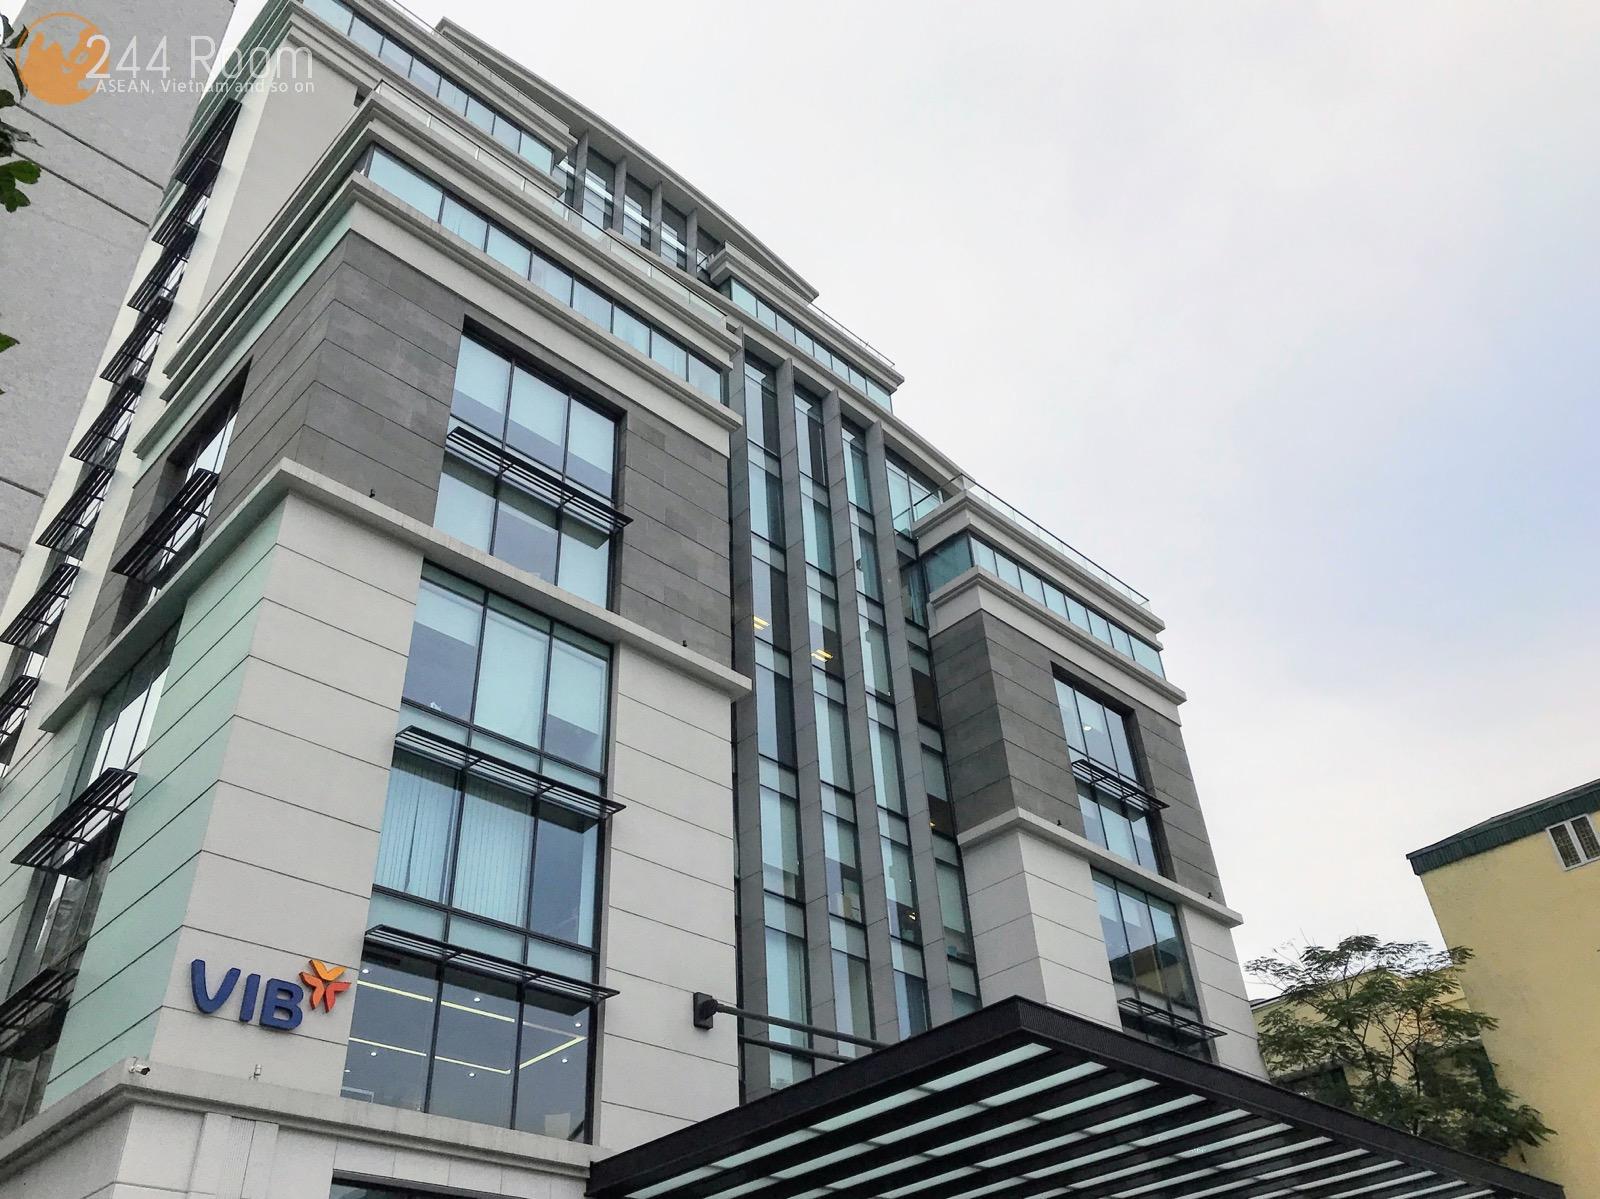 Corner-stone-building-hanoi コーナーストーンビルディング